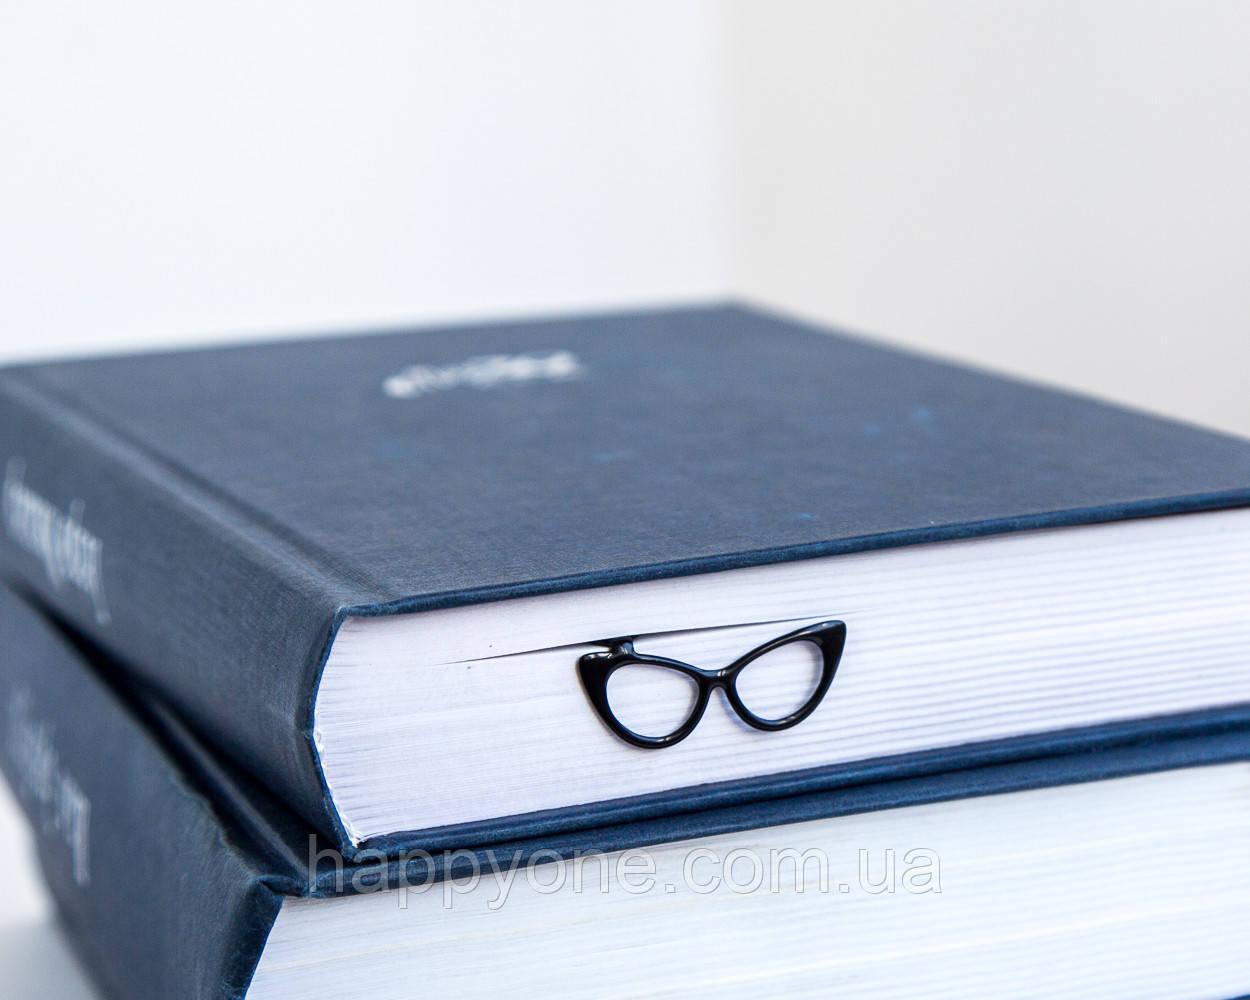 Закладка для книг Очки Кошачий глаз